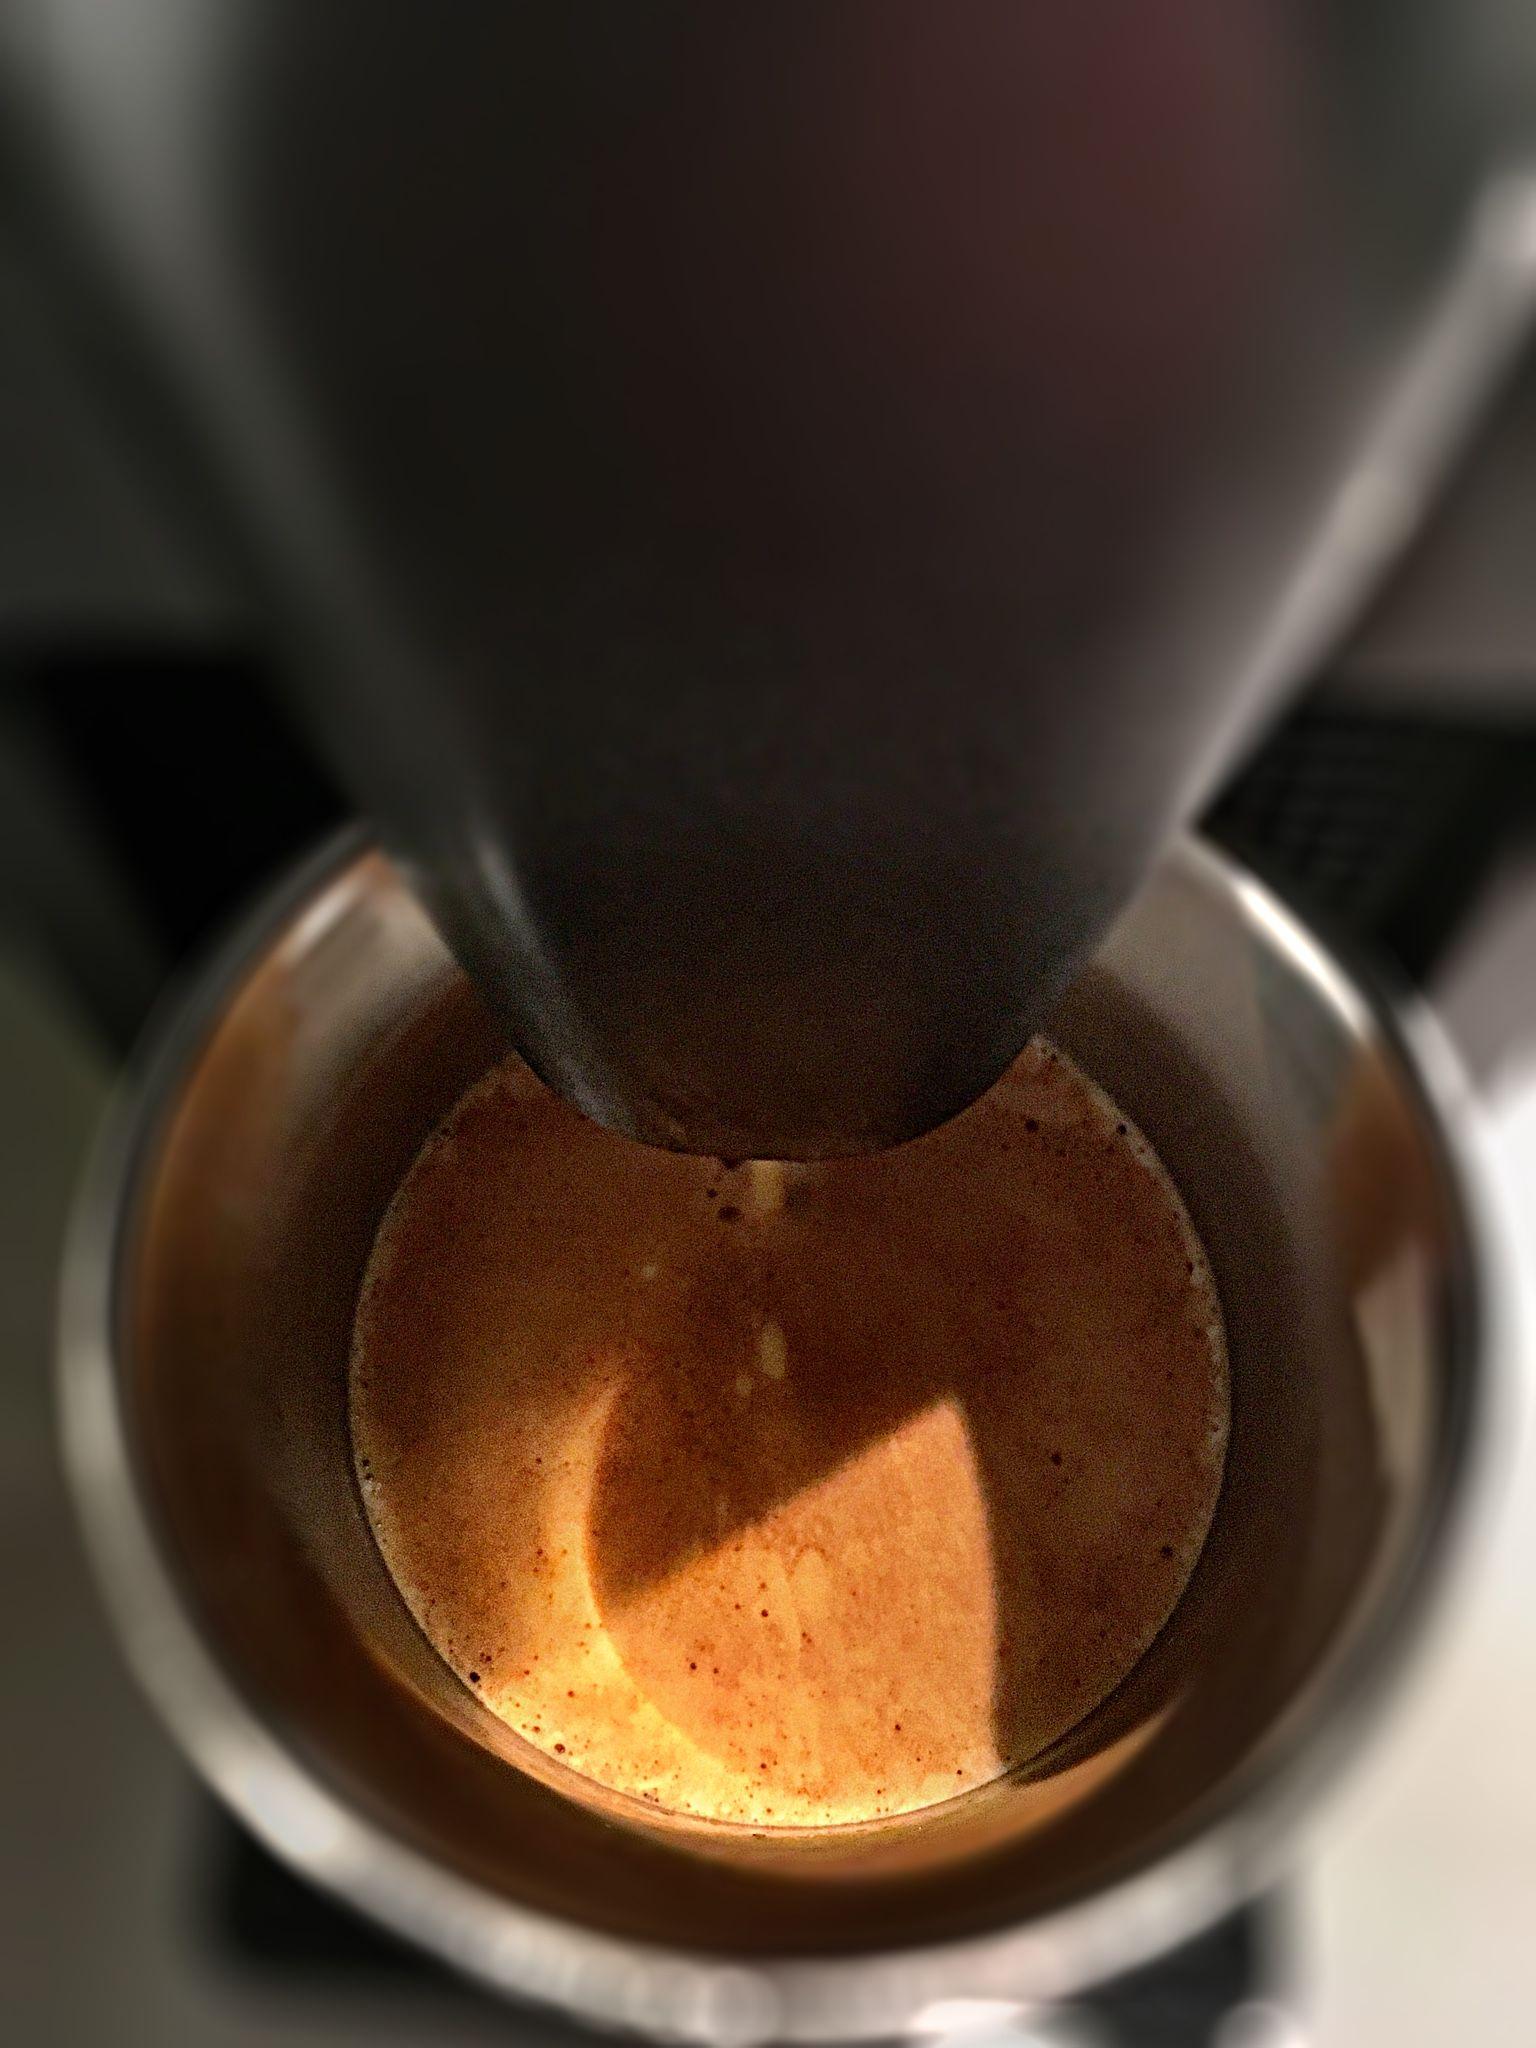 Guten Morgen…den Sonntag starten wir gemütlich mit einem #FortissioLungo #Kaffee von @Nespresso #whatelse